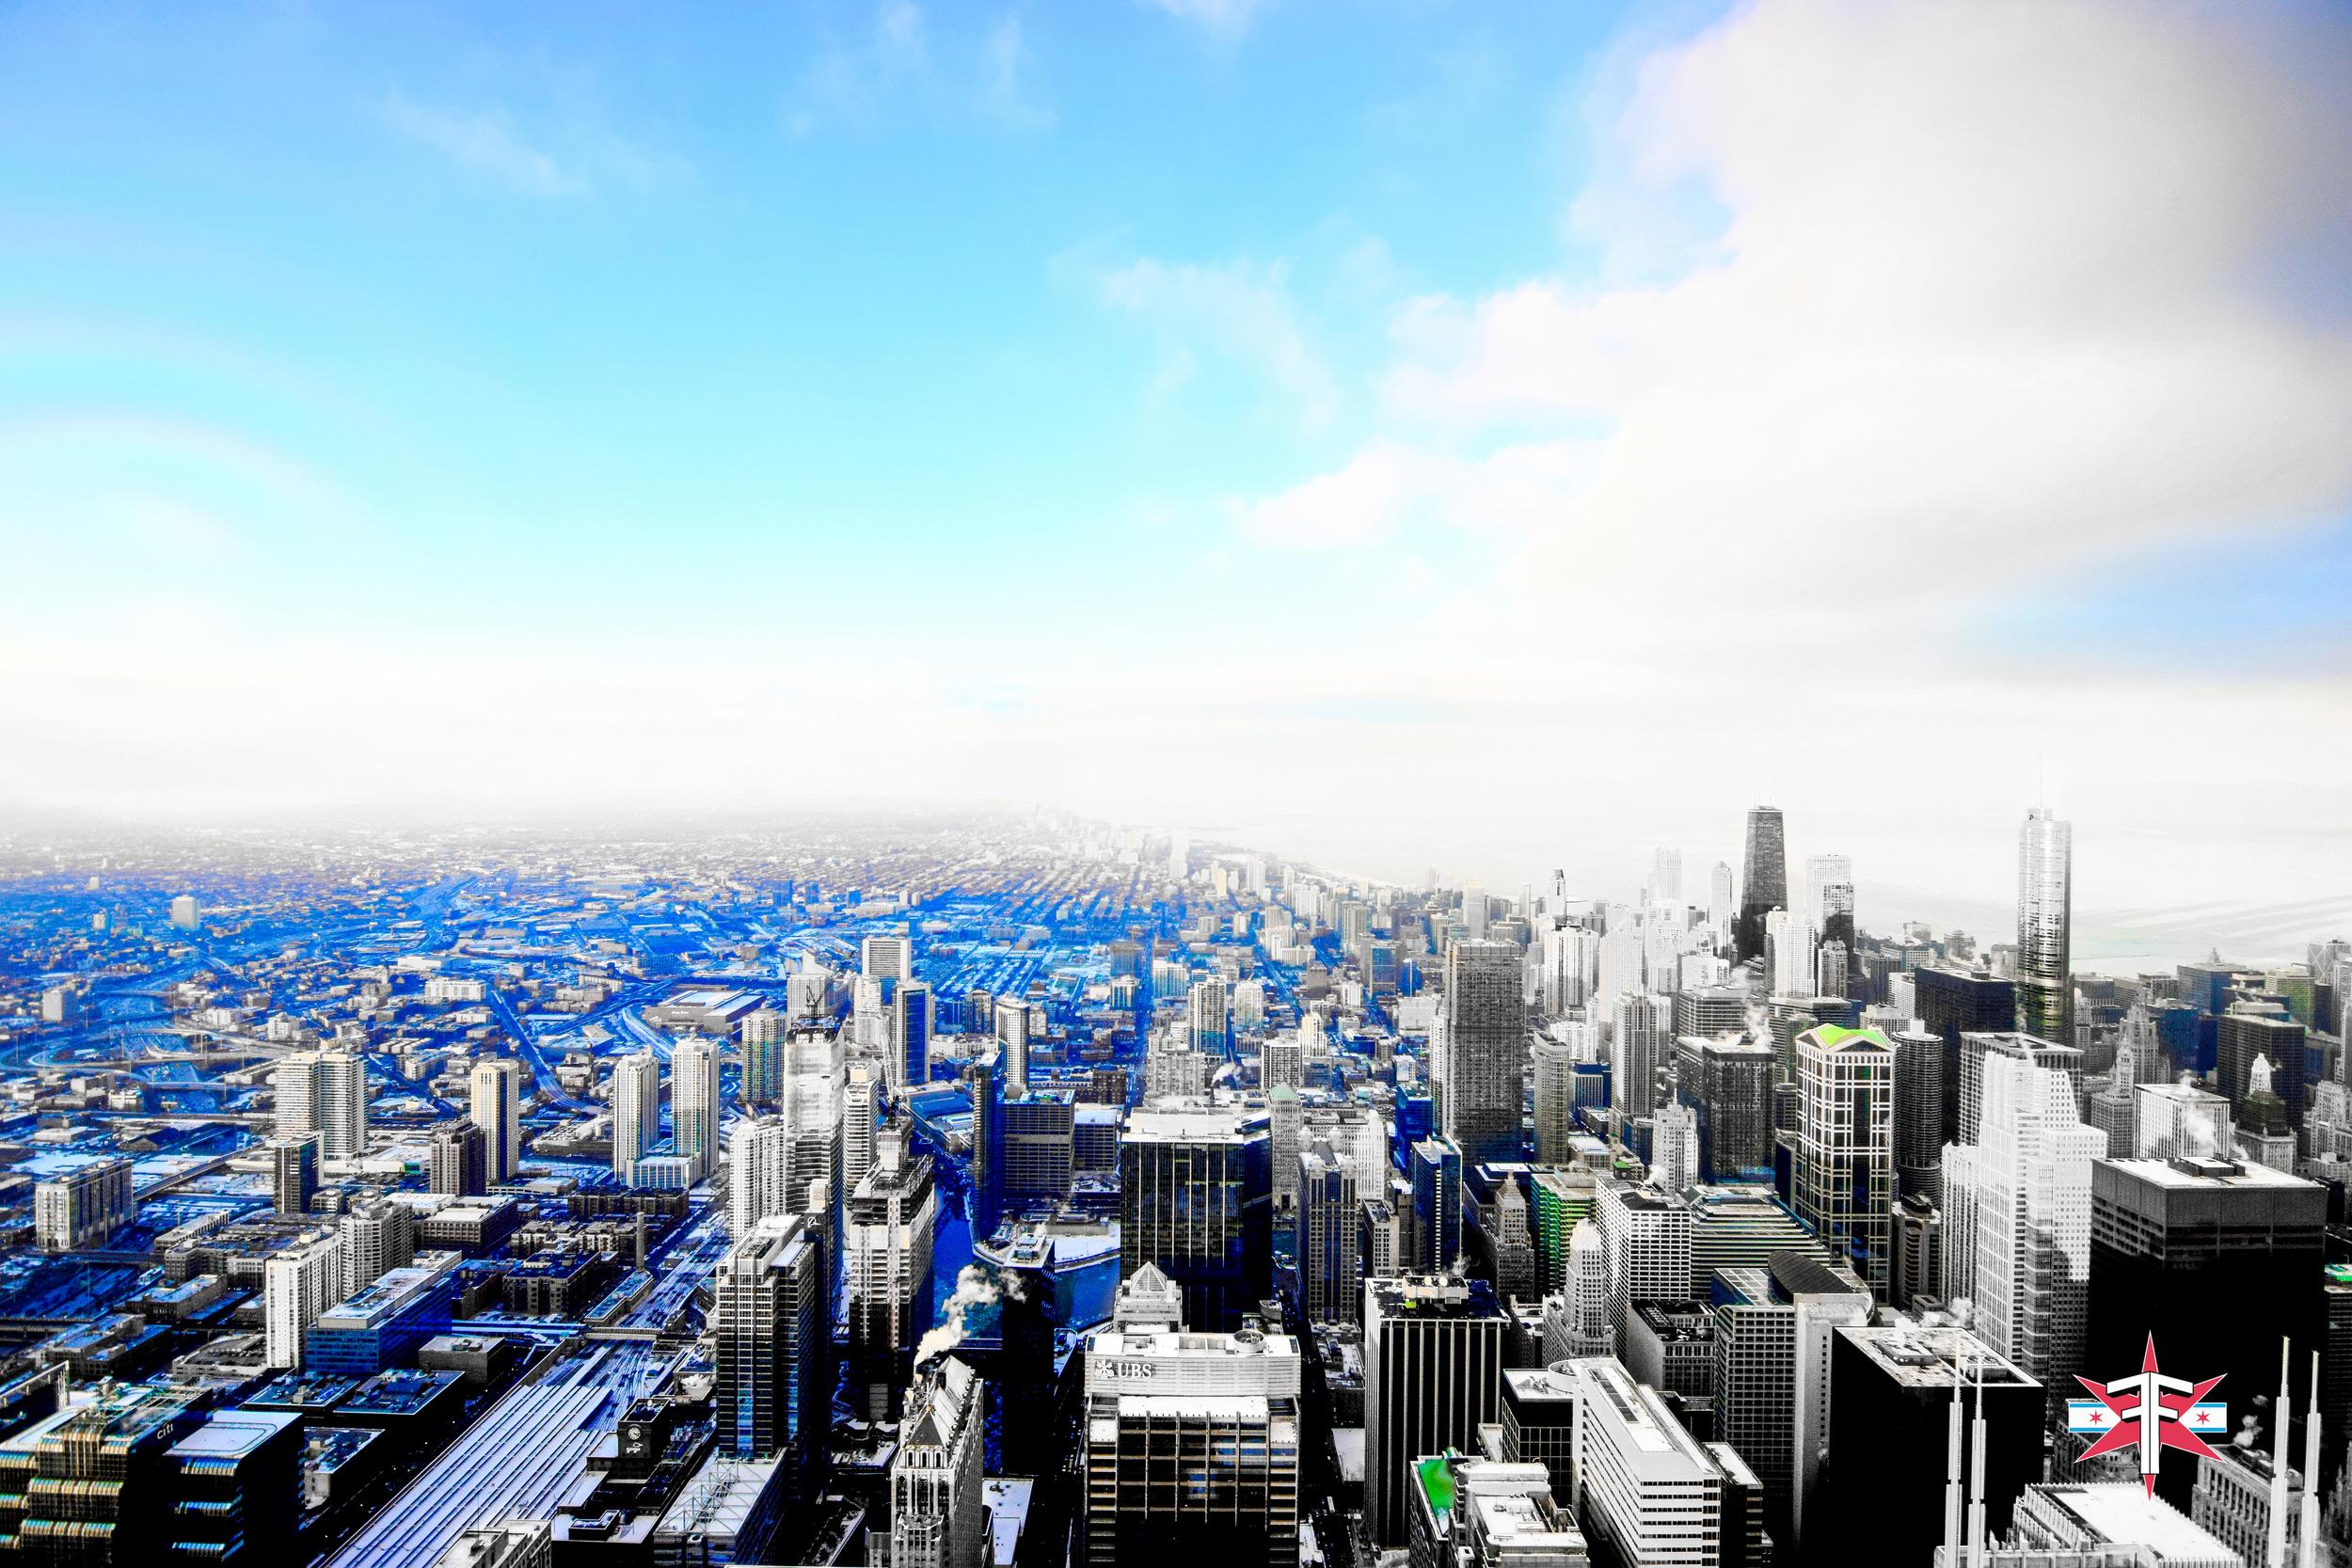 chicago art architecture eric formato photography design arquitectura architettura buildings skyscraper skyscrapers-44.jpg